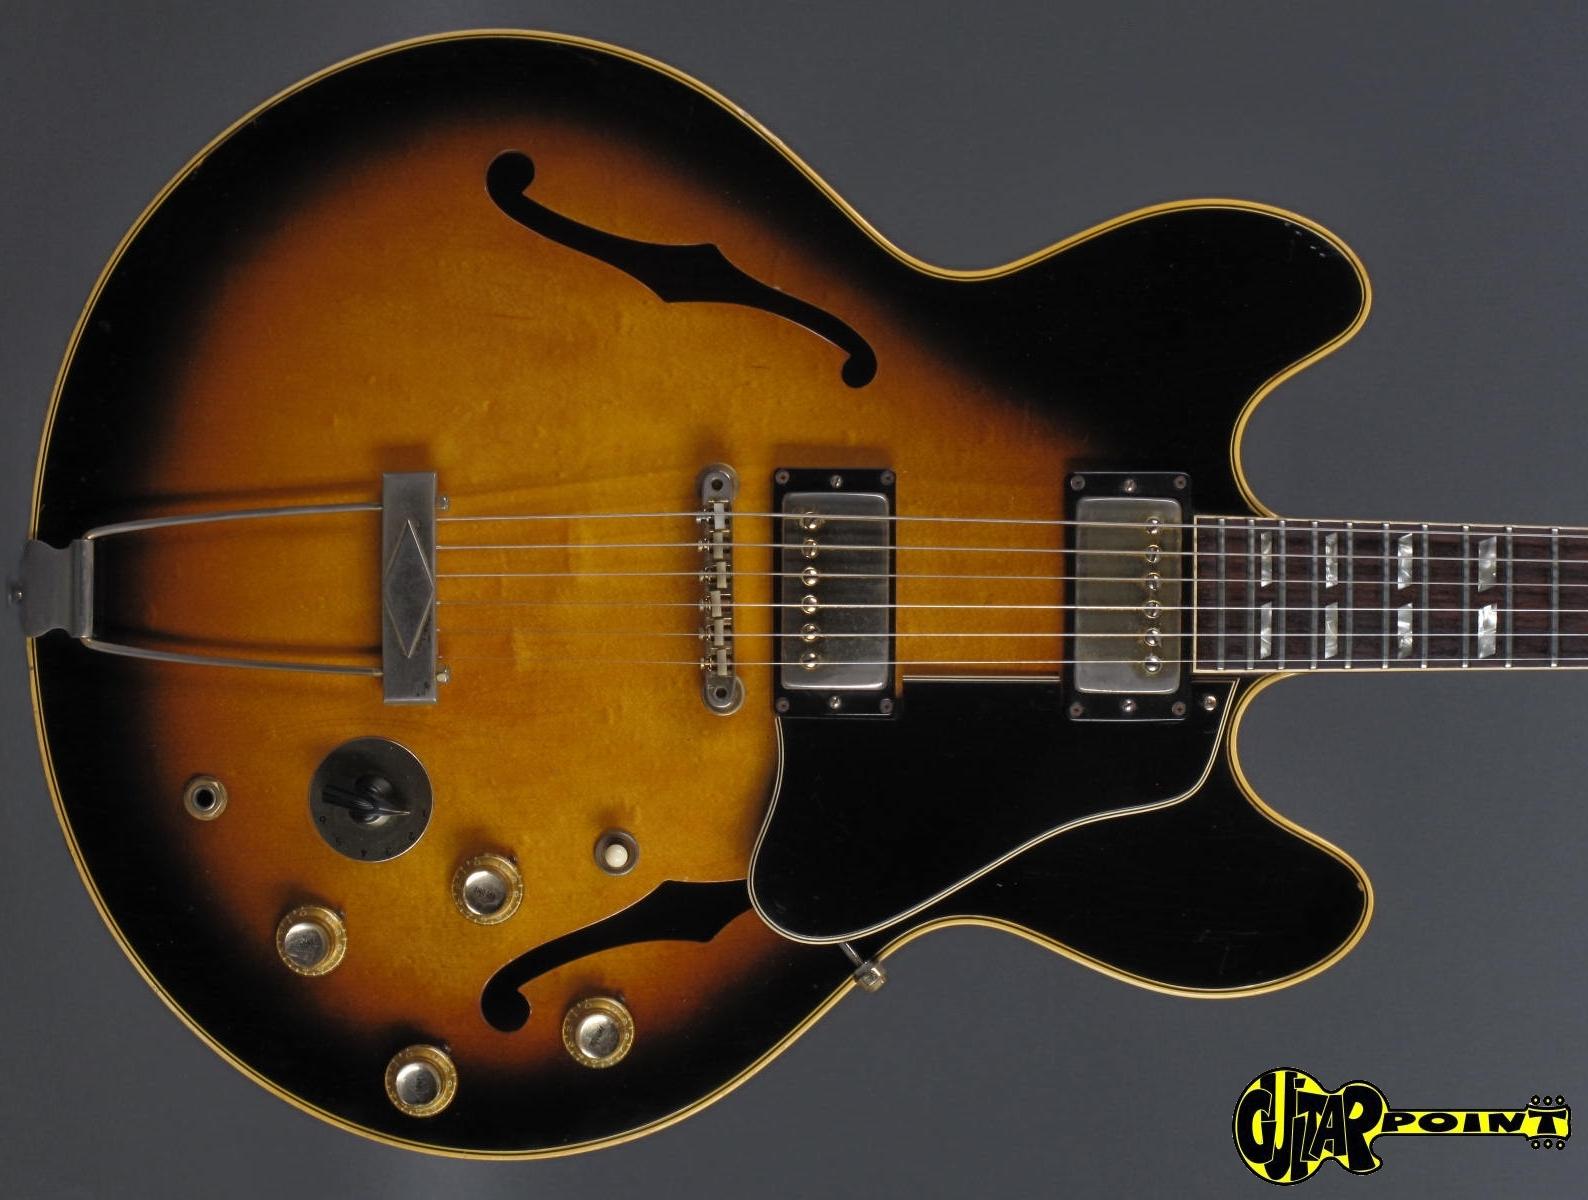 gibson es 345 tdsv stereo 1967 sunburst guitar for sale guitarpoint. Black Bedroom Furniture Sets. Home Design Ideas